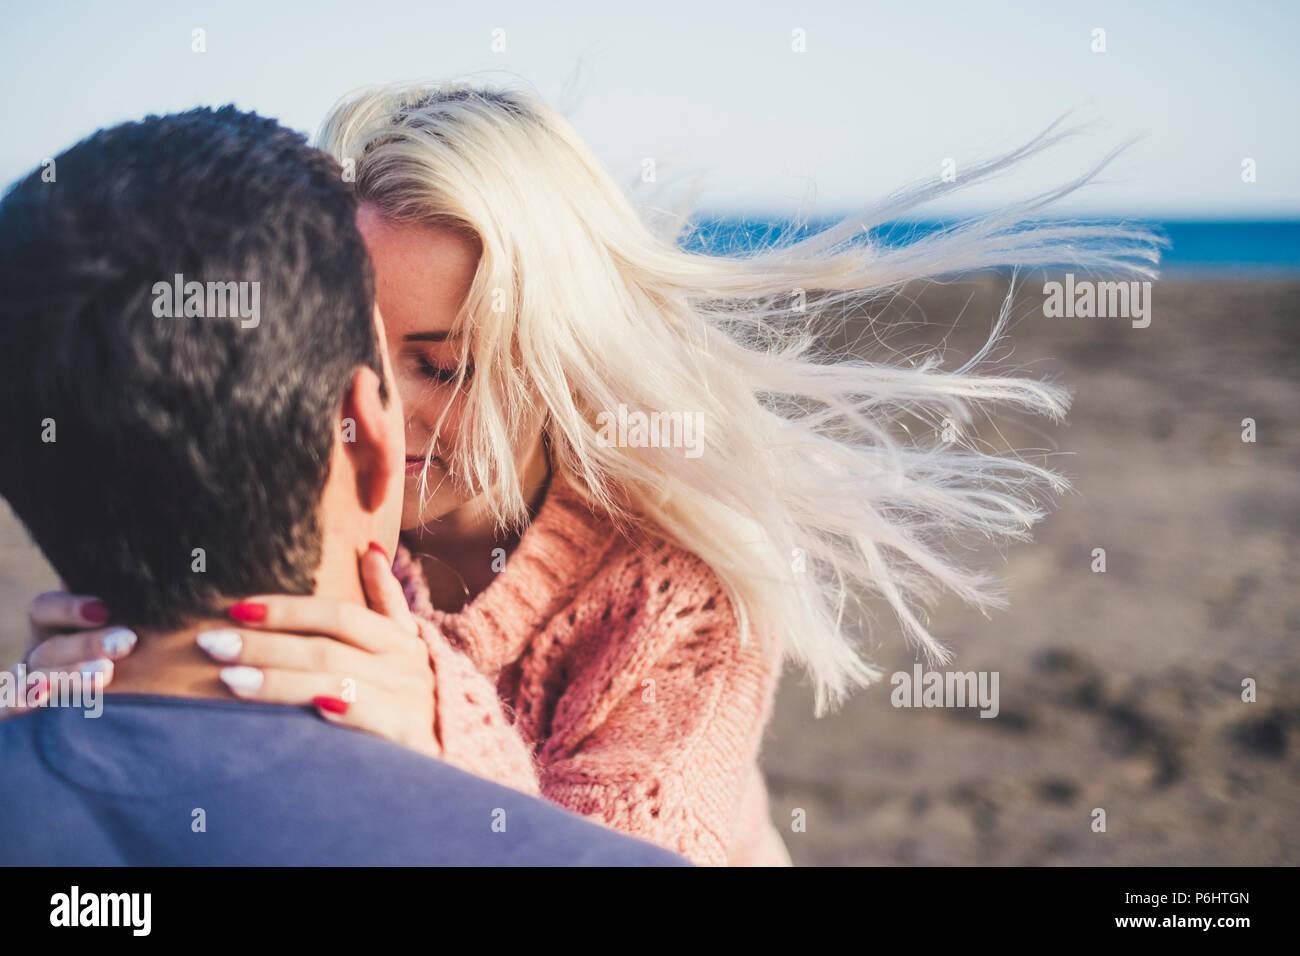 Pareja romántica en el amor abrazos y besos con los ojos cerrados y lleno de emoción. Hermoso par de ternura juntos actividad de ocio al aire libre en Imagen De Stock